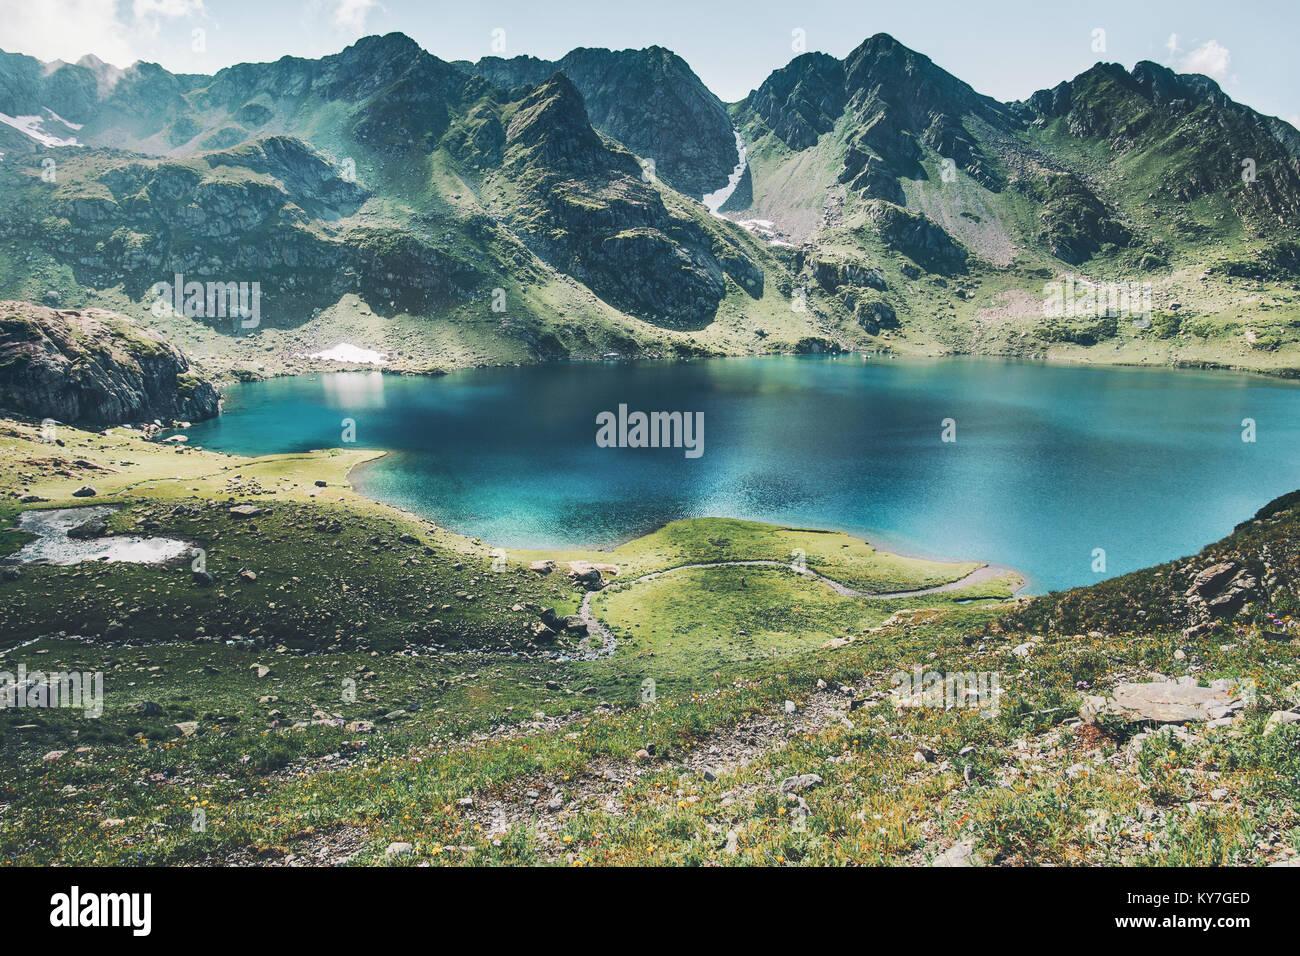 Il turchese del lago e delle Montagne Paesaggio gamma viaggio estivo serena vista aerea Immagini Stock